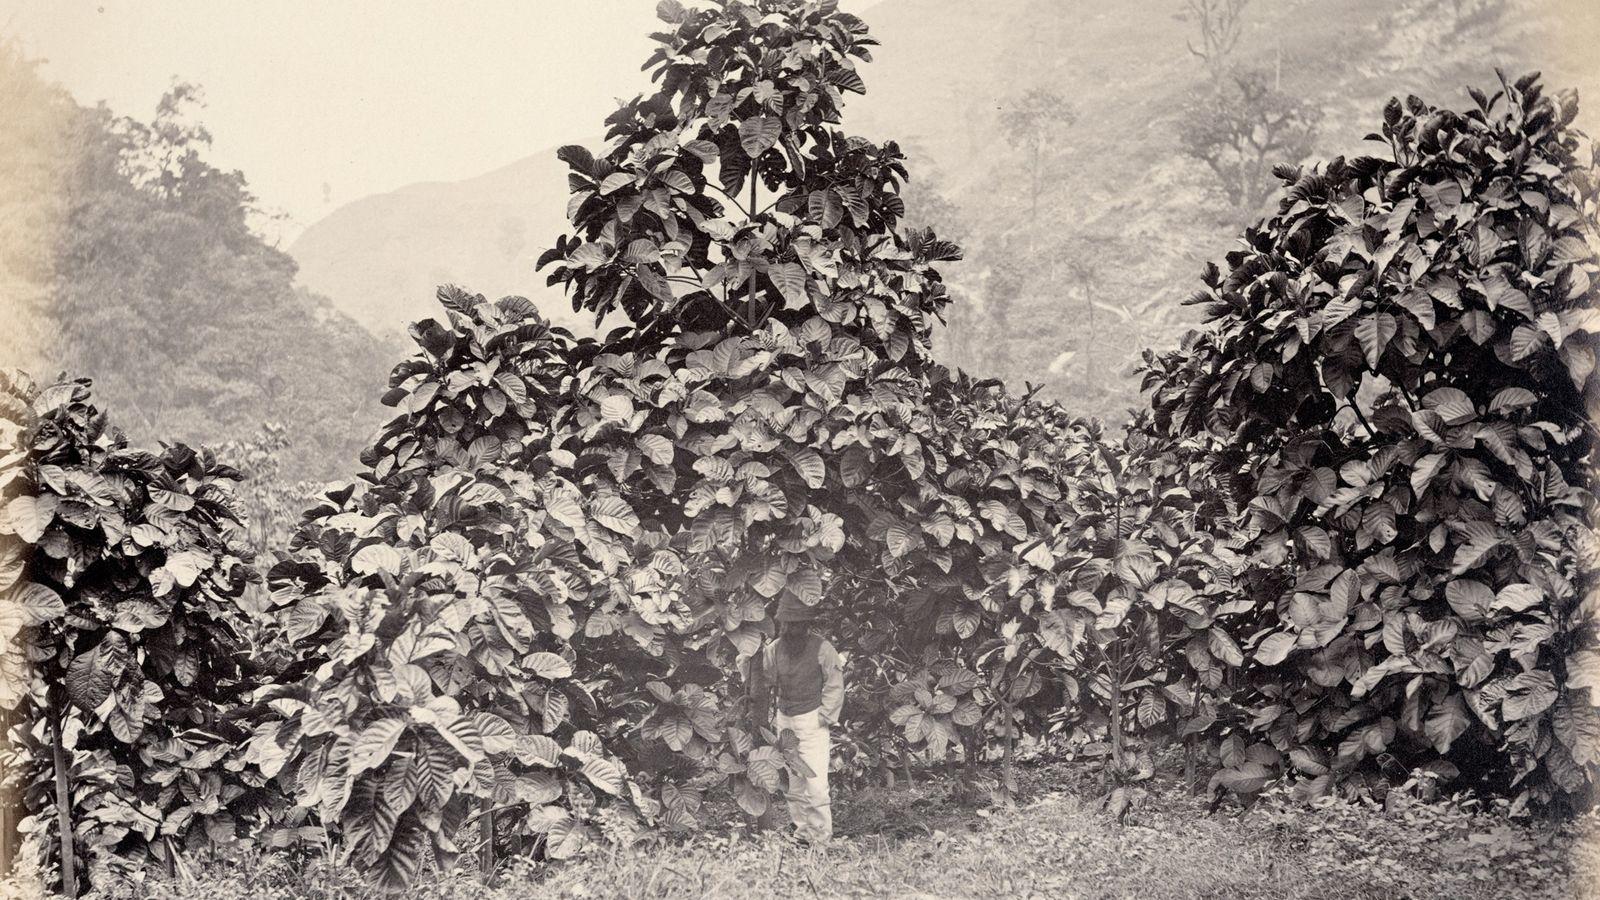 Cinchona succirubra, une variété d'arbre également connue sous le nom de Cinchona pubescens pousse sur un ...